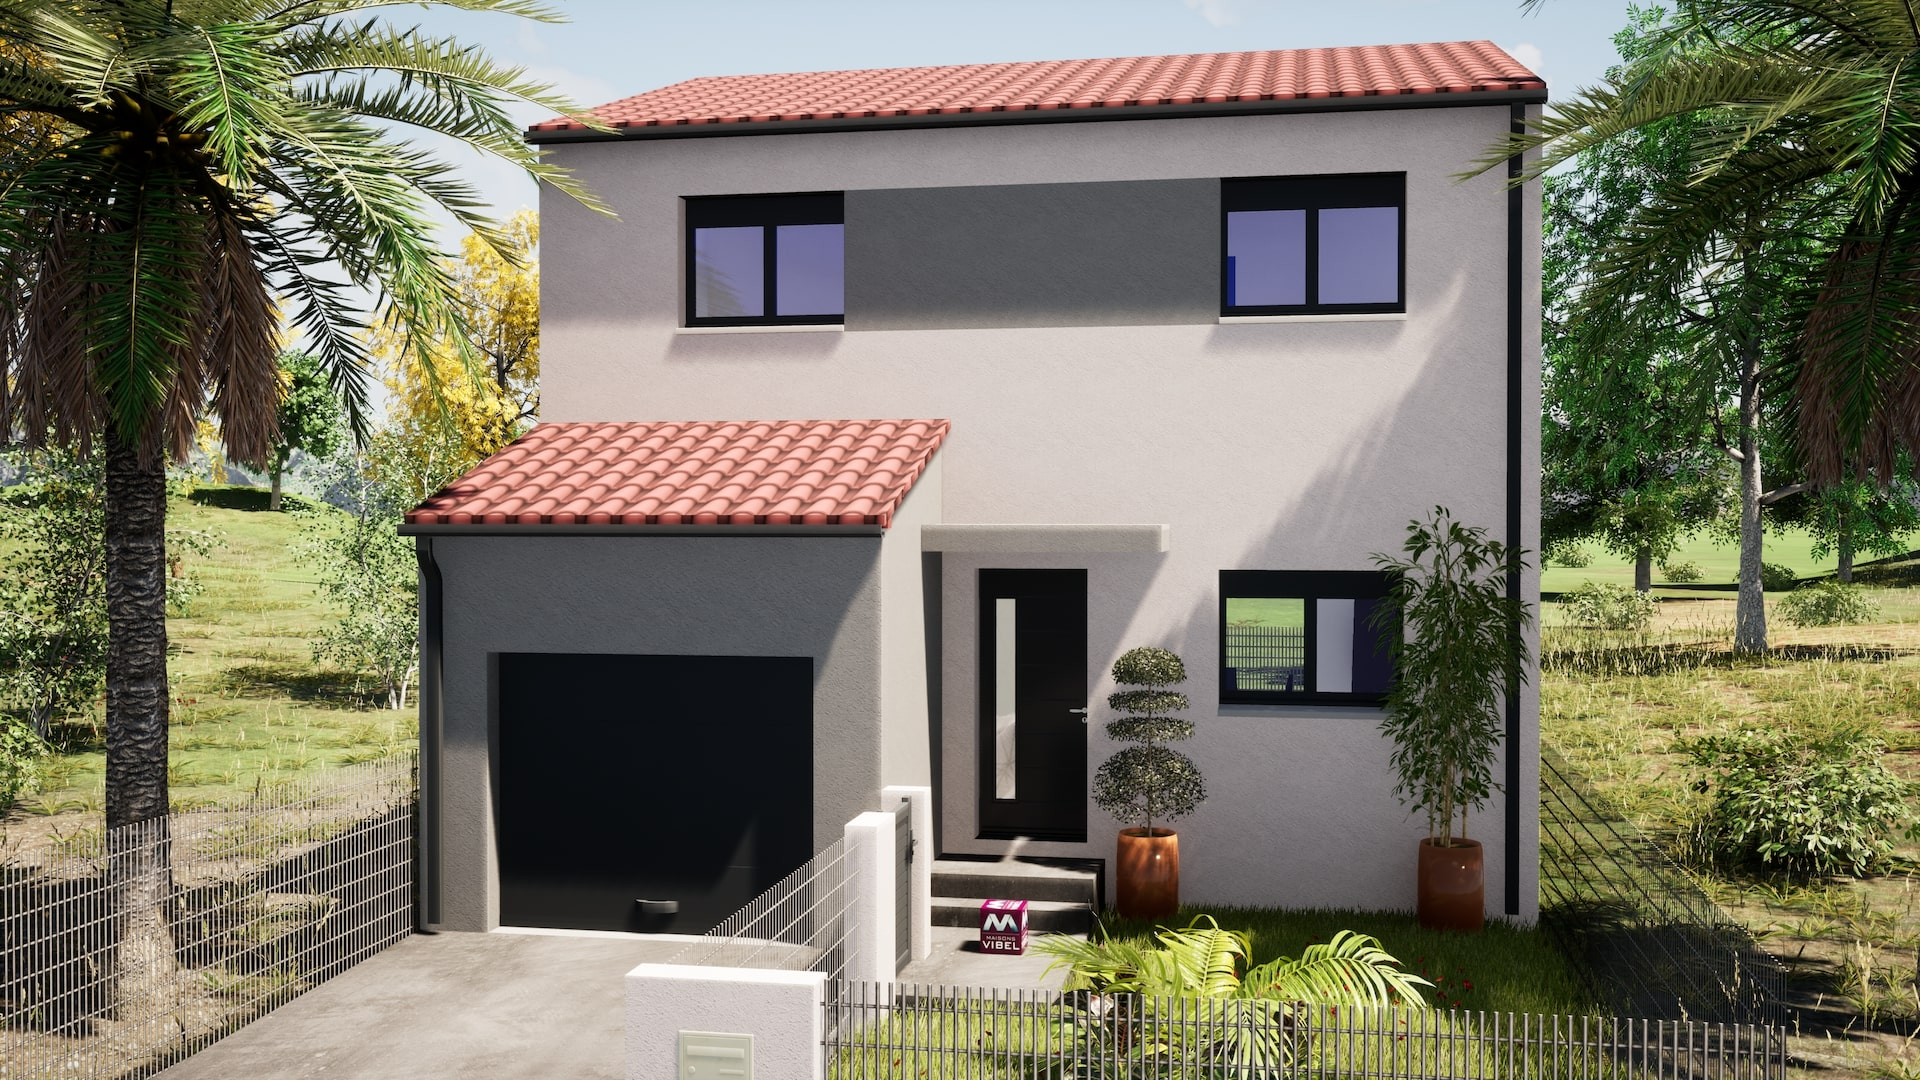 Maisons + Terrains du constructeur MAISONS VIBEL • 92 m² • THUIR